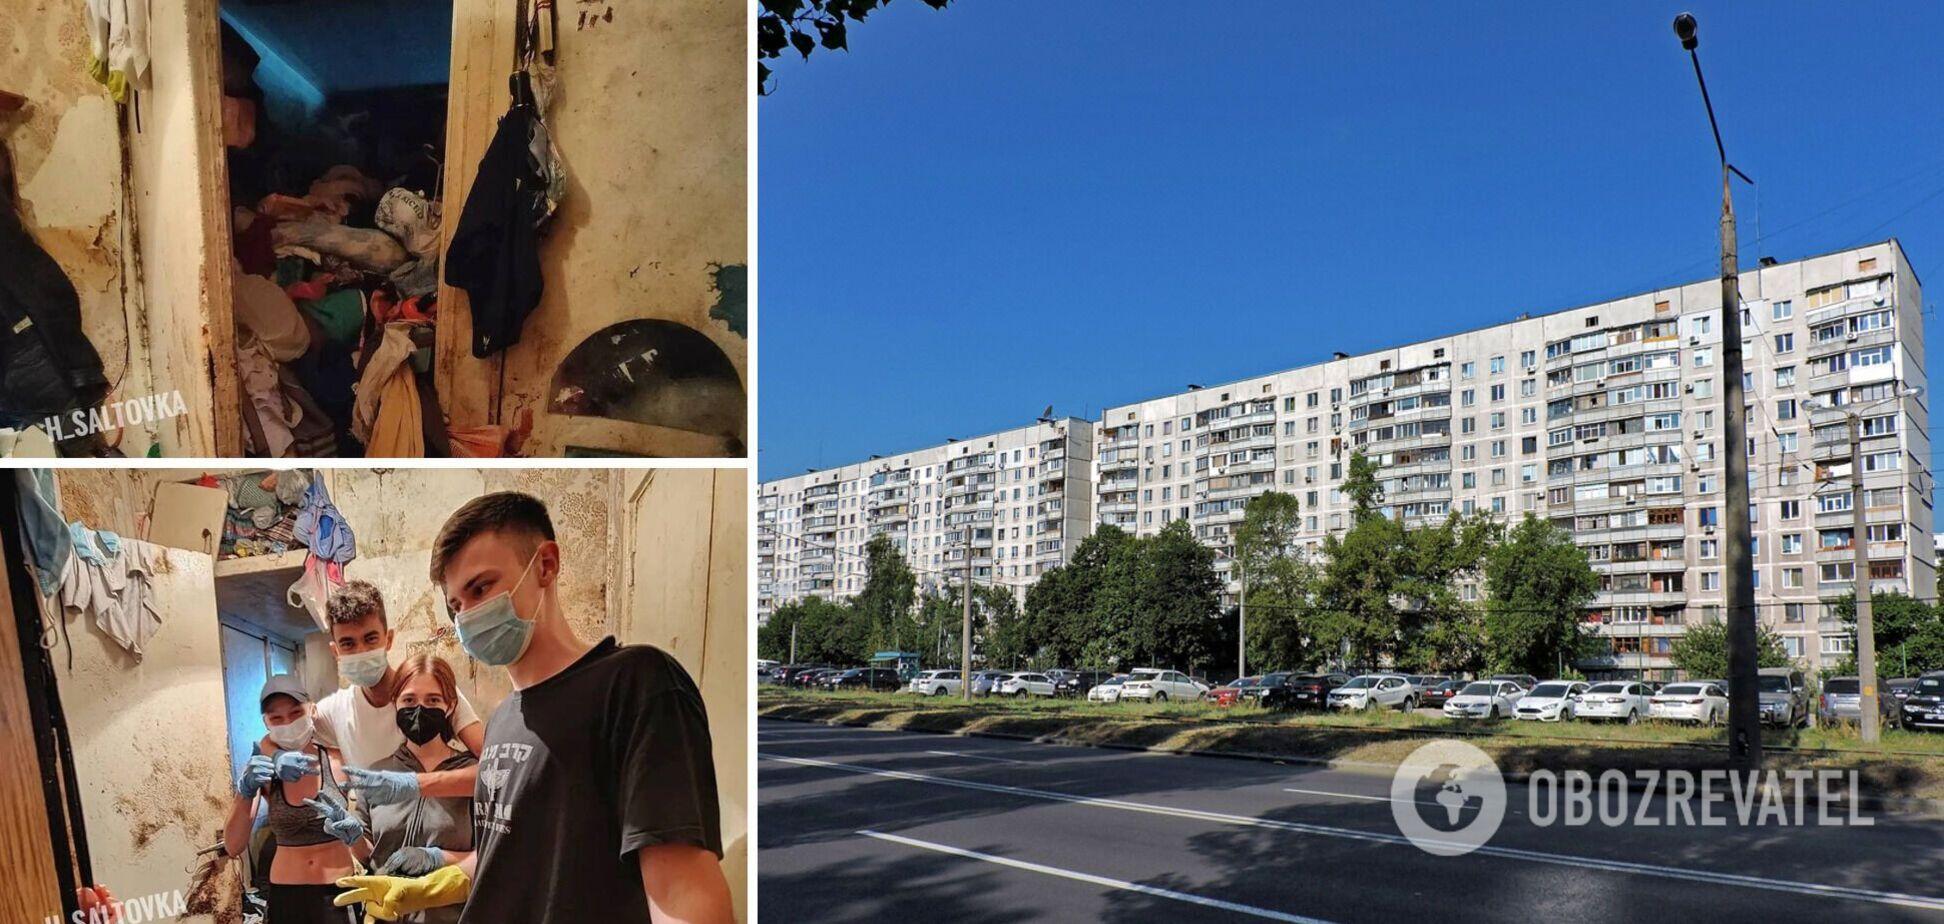 Передвигается ползком под потолком: в Харькове пенсионерка забила свою квартиру мусором. Фото